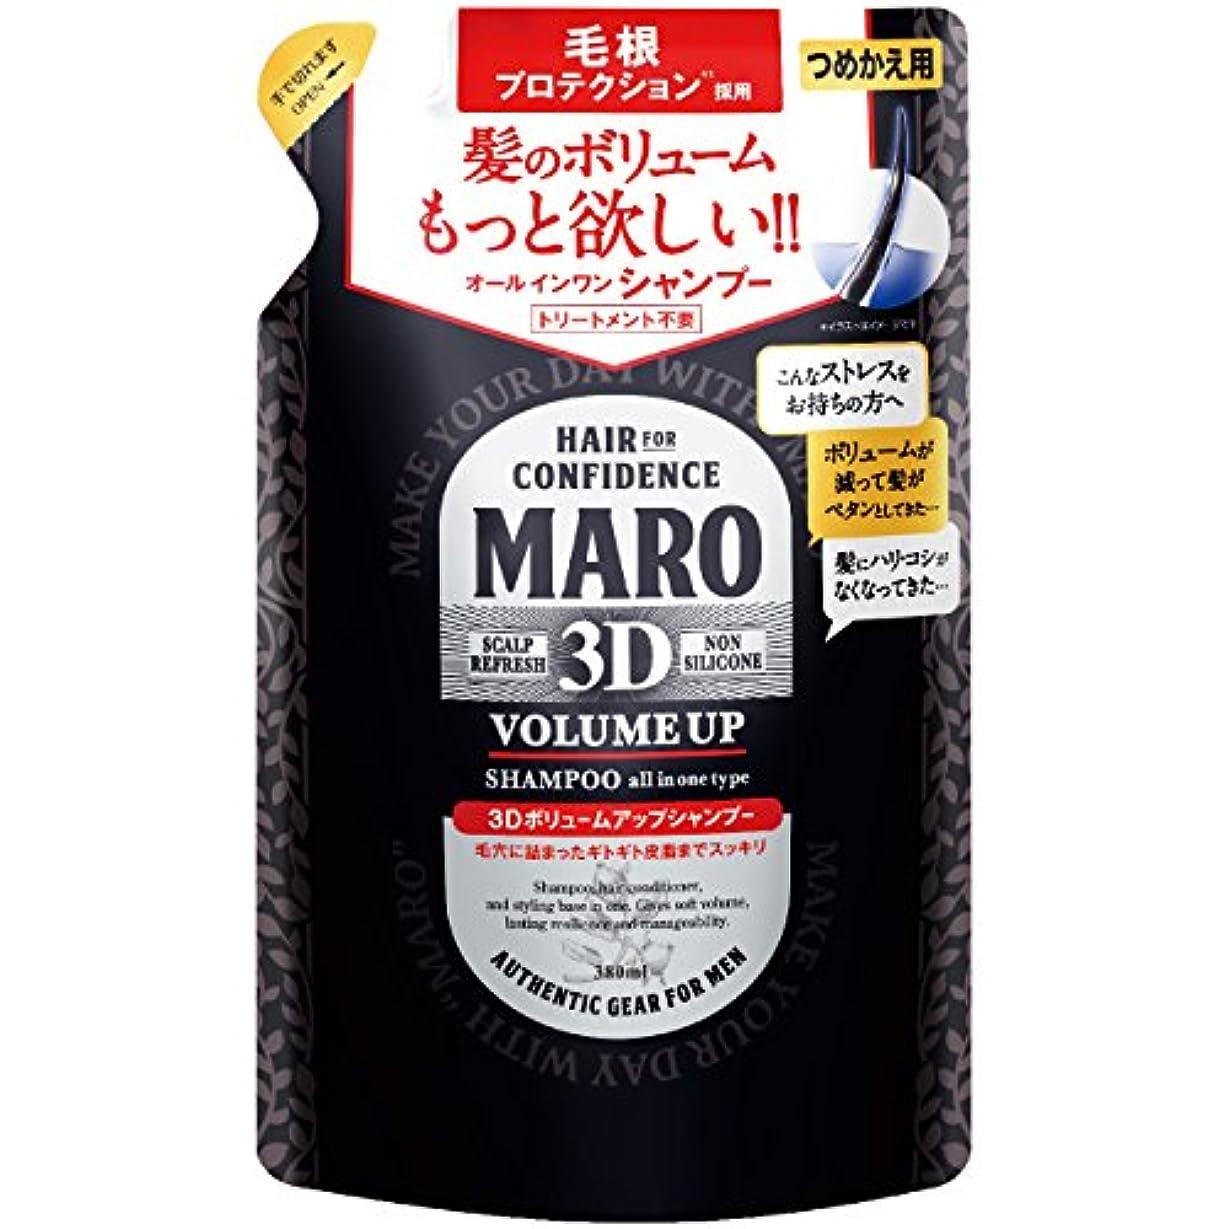 メンター応じる不透明なMARO 3Dボリュームアップ シャンプー EX 詰め替え 380ml